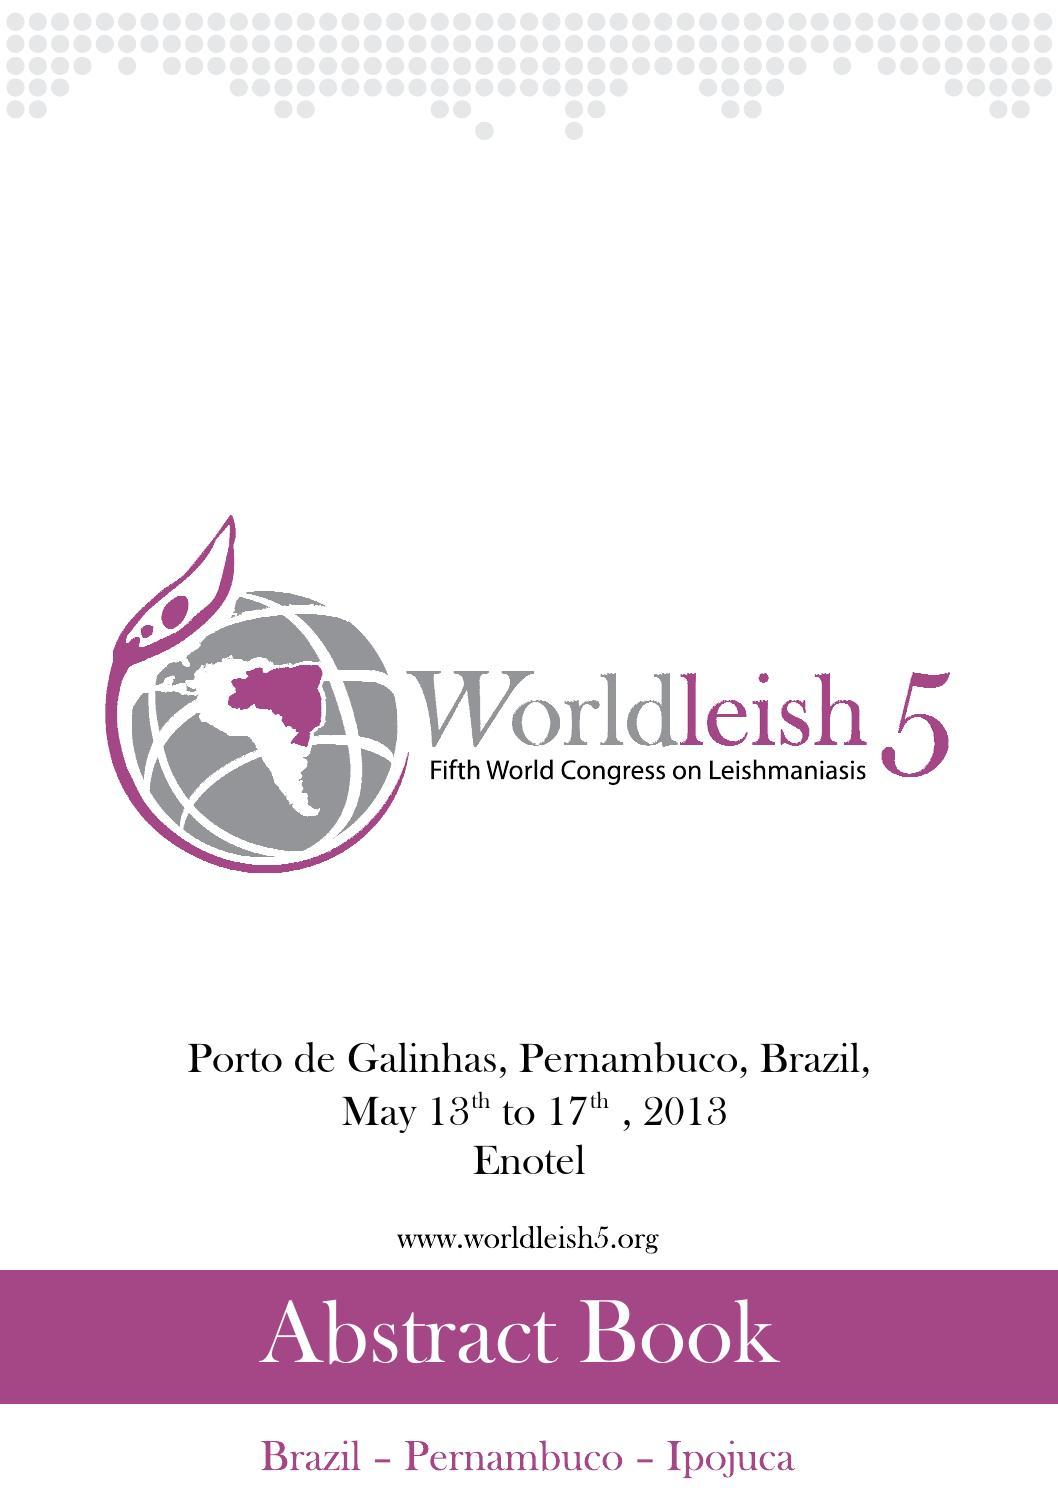 WL5 Abstract Book 1 by Revista Clínica Veterinária - issuu